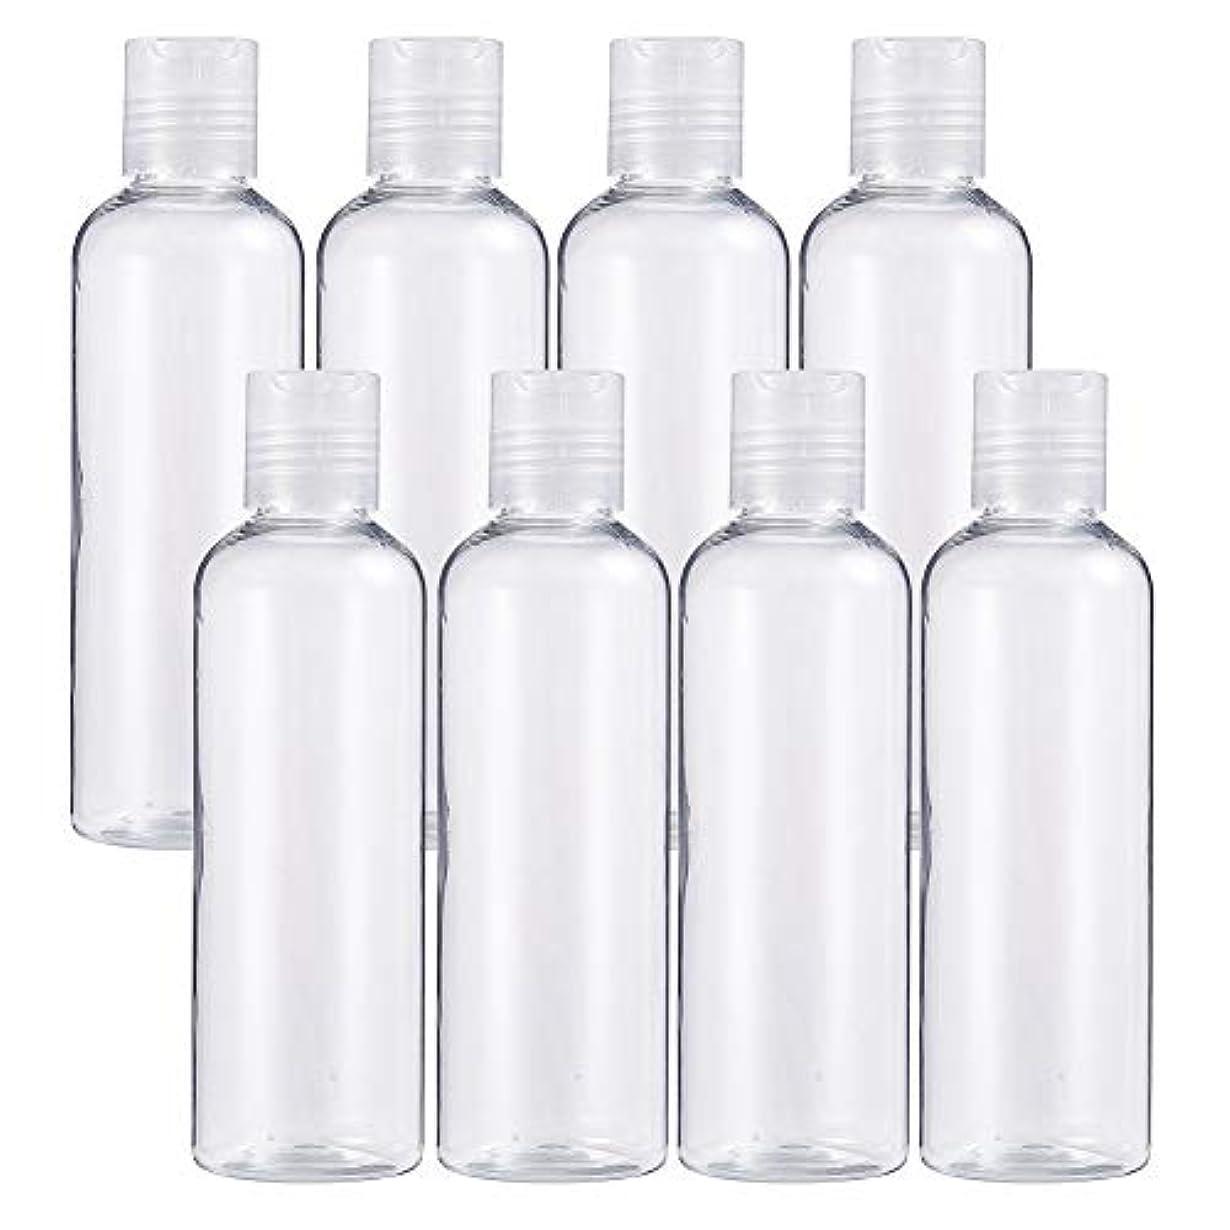 化粧ボトル歌うBENECREAT 8個プラスチックプレスキャップ 小分けボトル プラスチック容器 液体用空ボトル 押し式詰替用ボトル 詰め替え シャンプー クリーム 化粧品 収納瓶 (プレスキャンプボトル, 200mlプレスキャンプボトル)